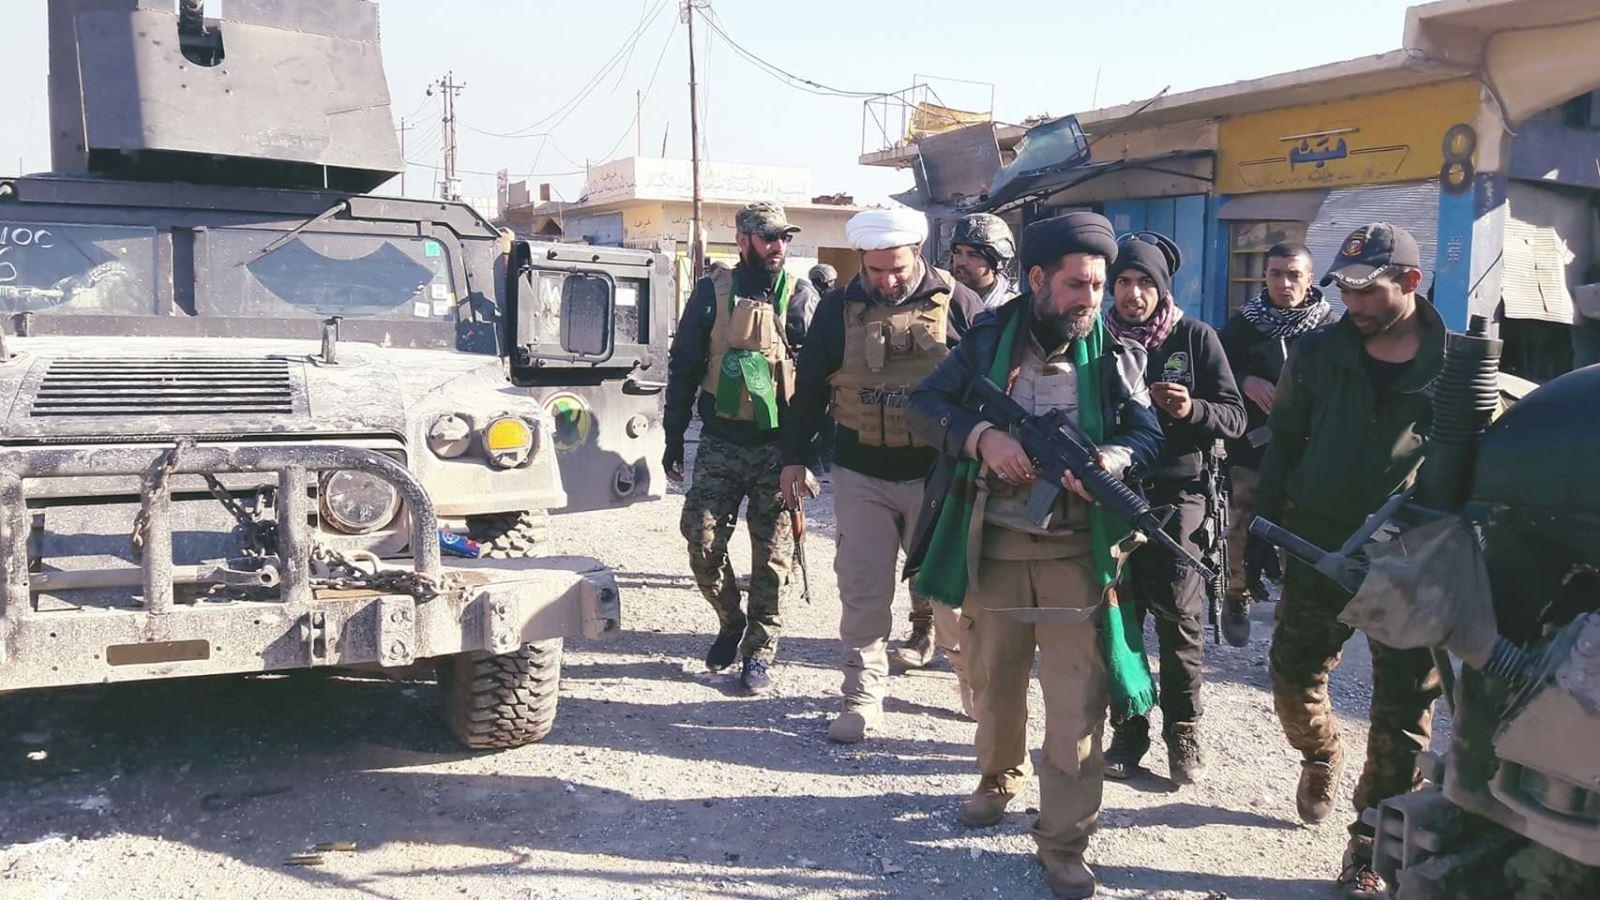 آخرین اخبار آزادسازی موصل از زبان روحانیون مجاهد عراقی